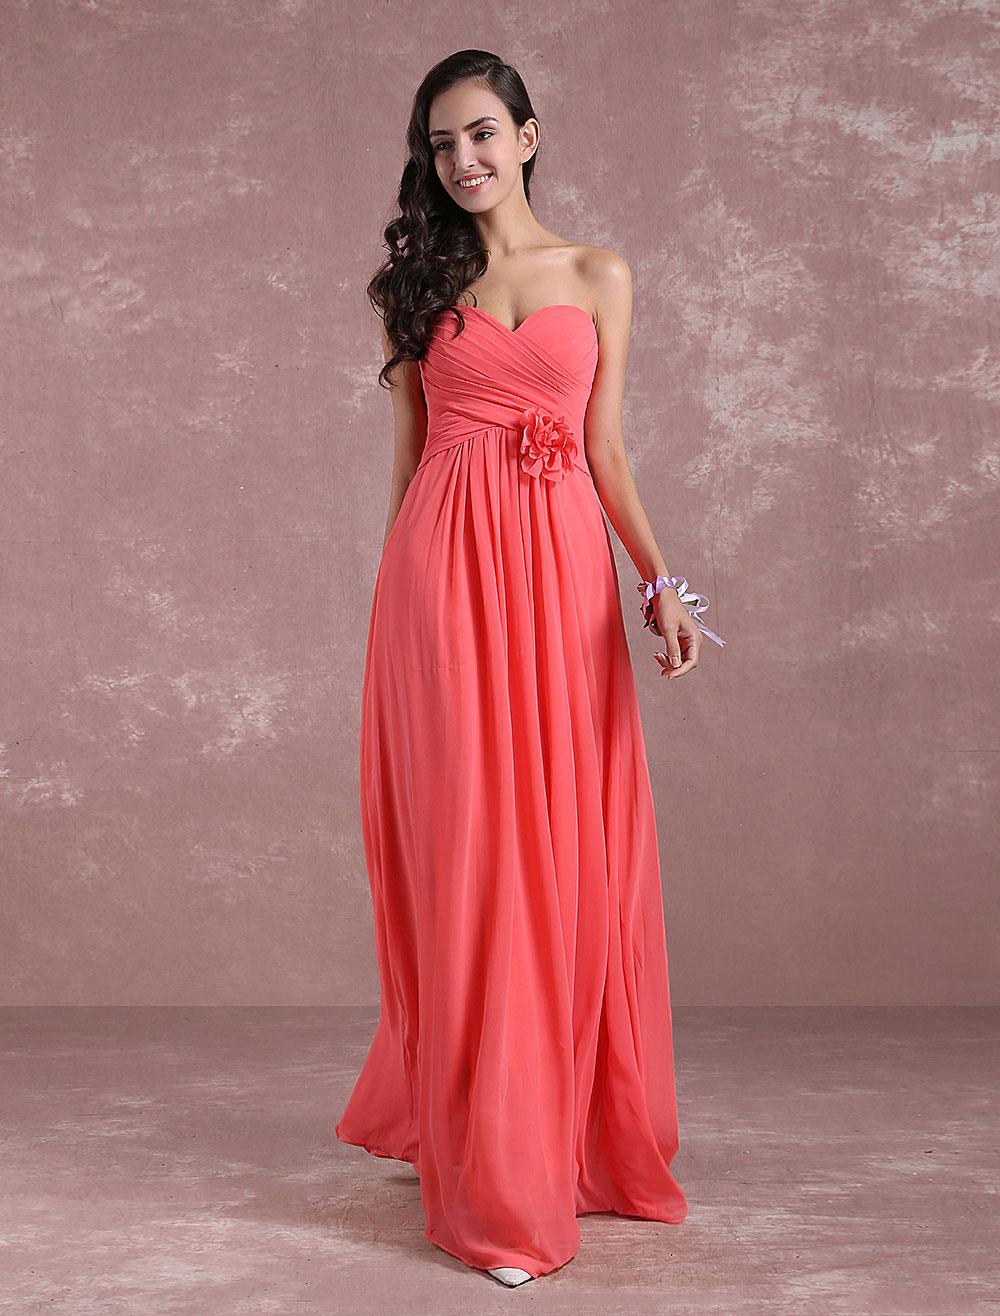 d8b053f34ece Damigella d onore Chiffon Prom abito corallo fiore senza spalline A linea  pavimento lunghezza partito ...